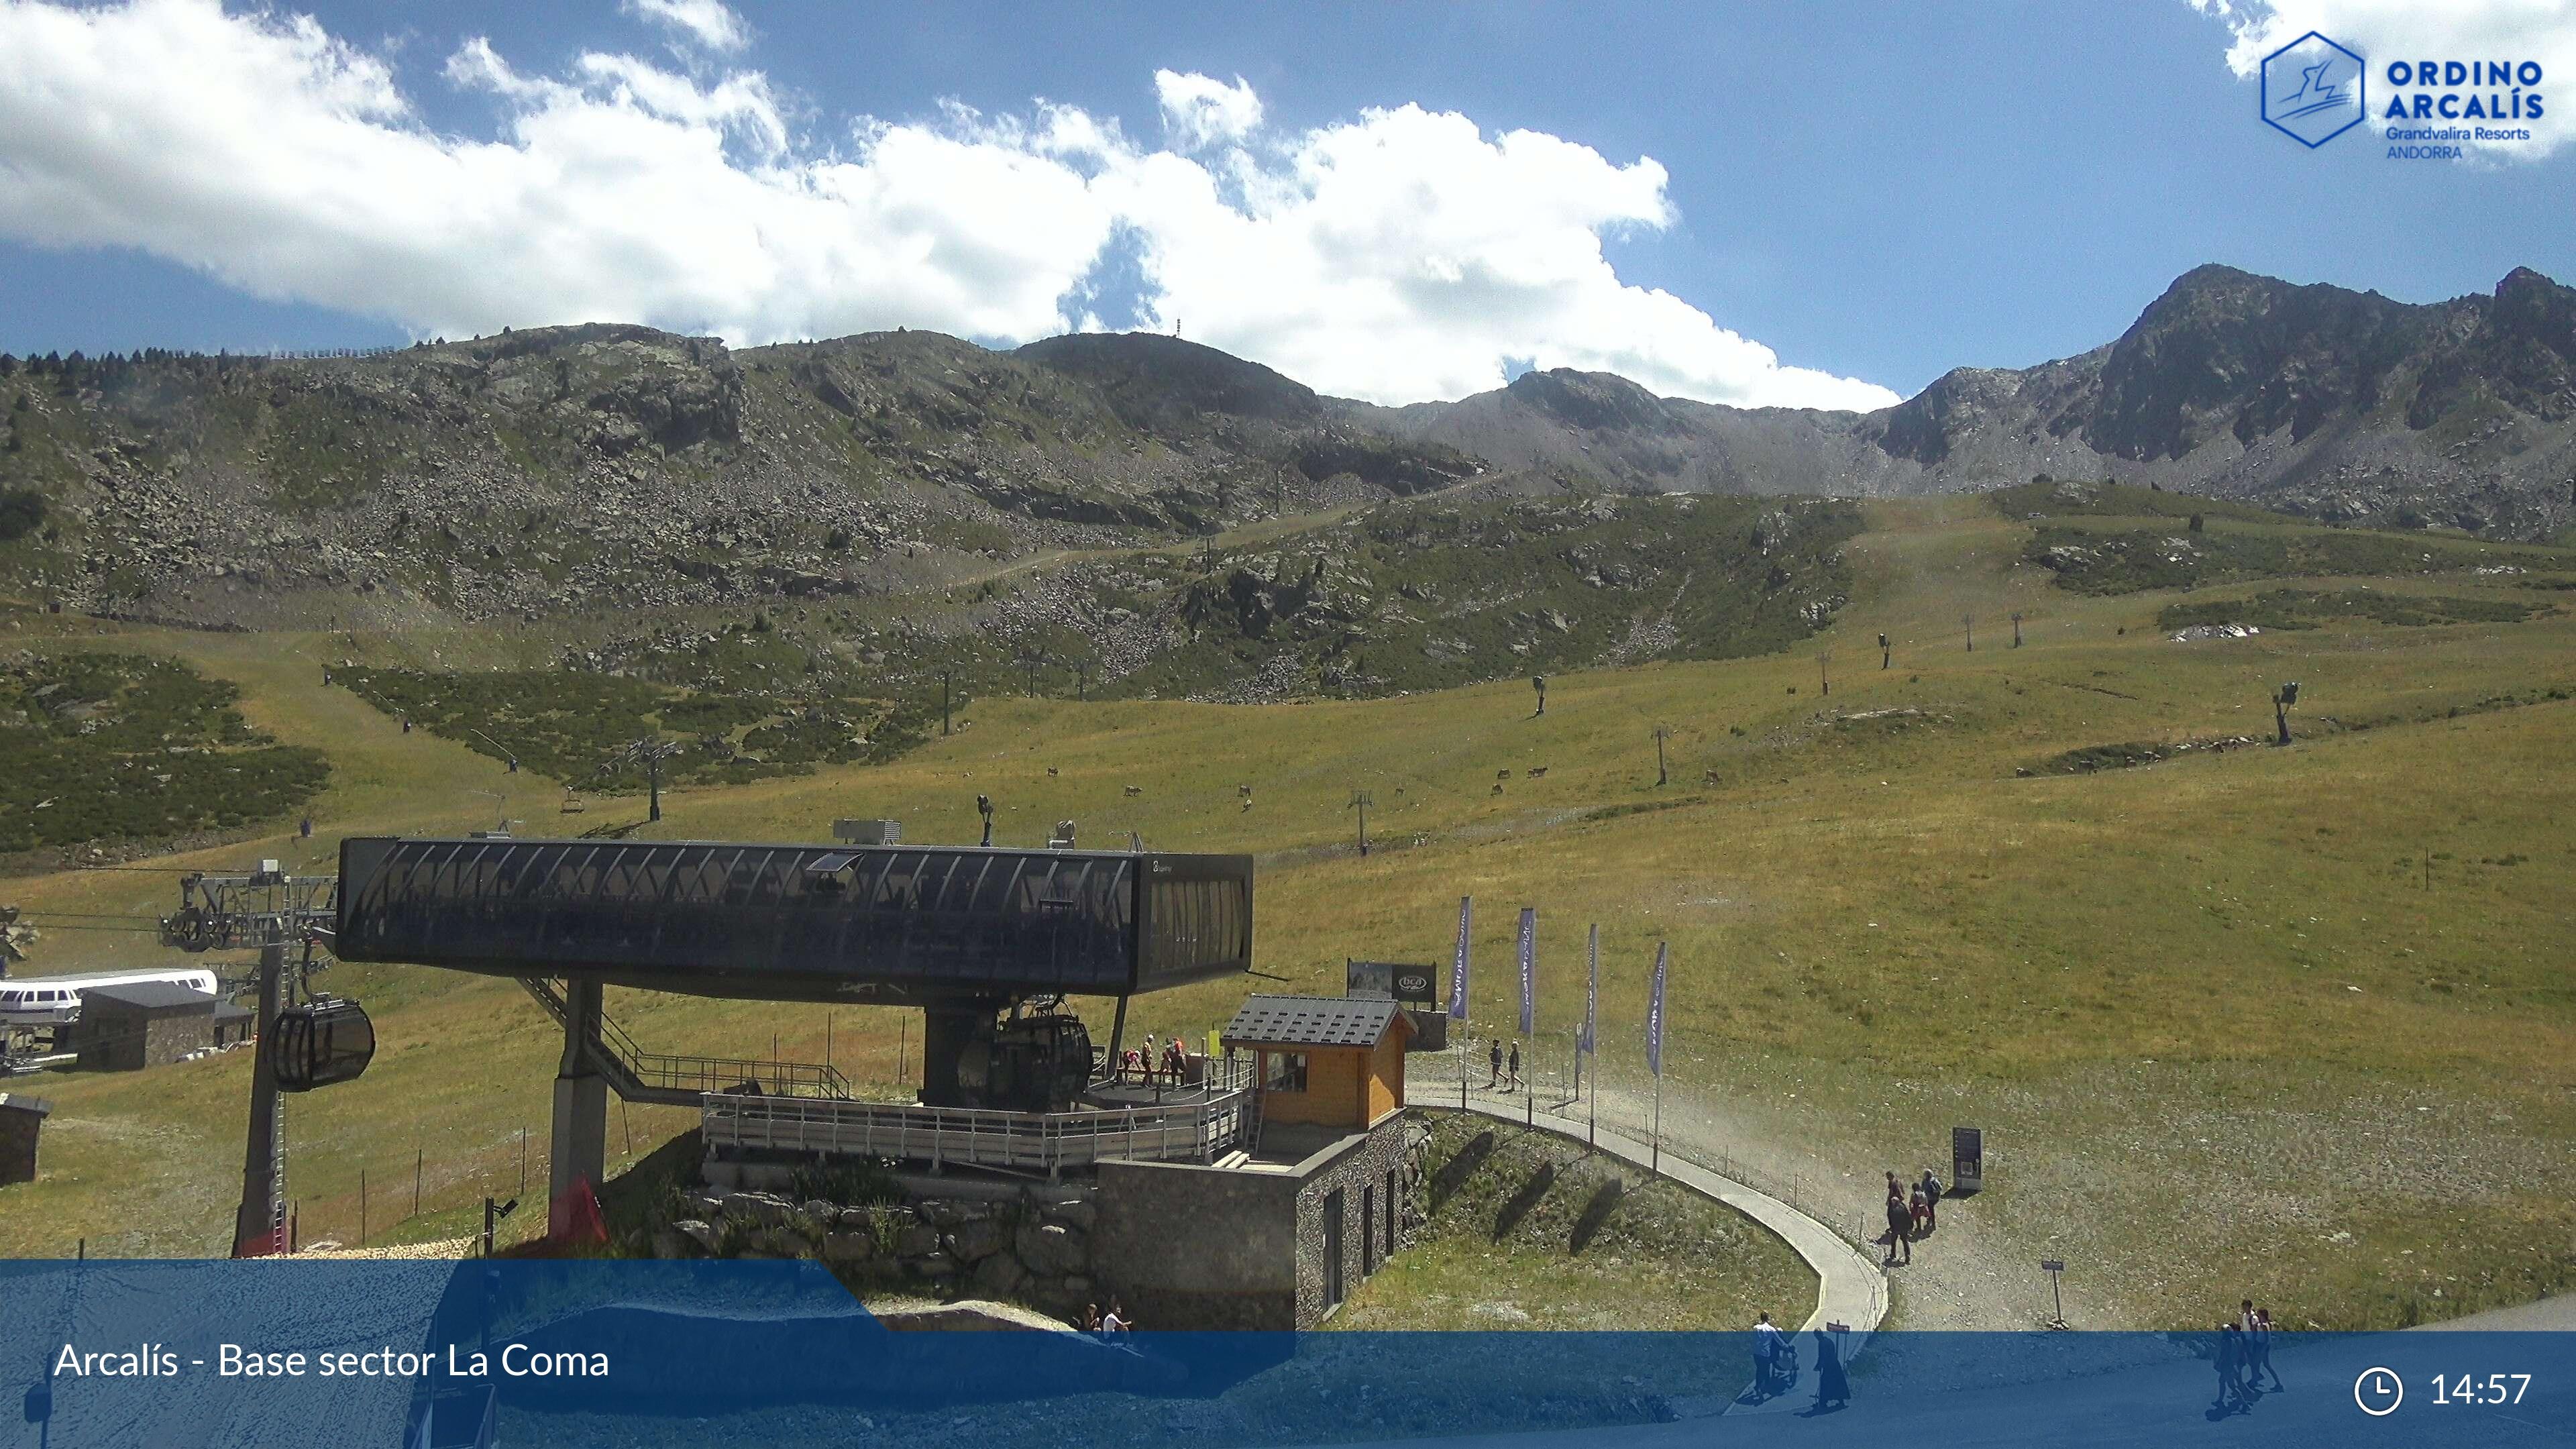 Webcam de La Coma - Base